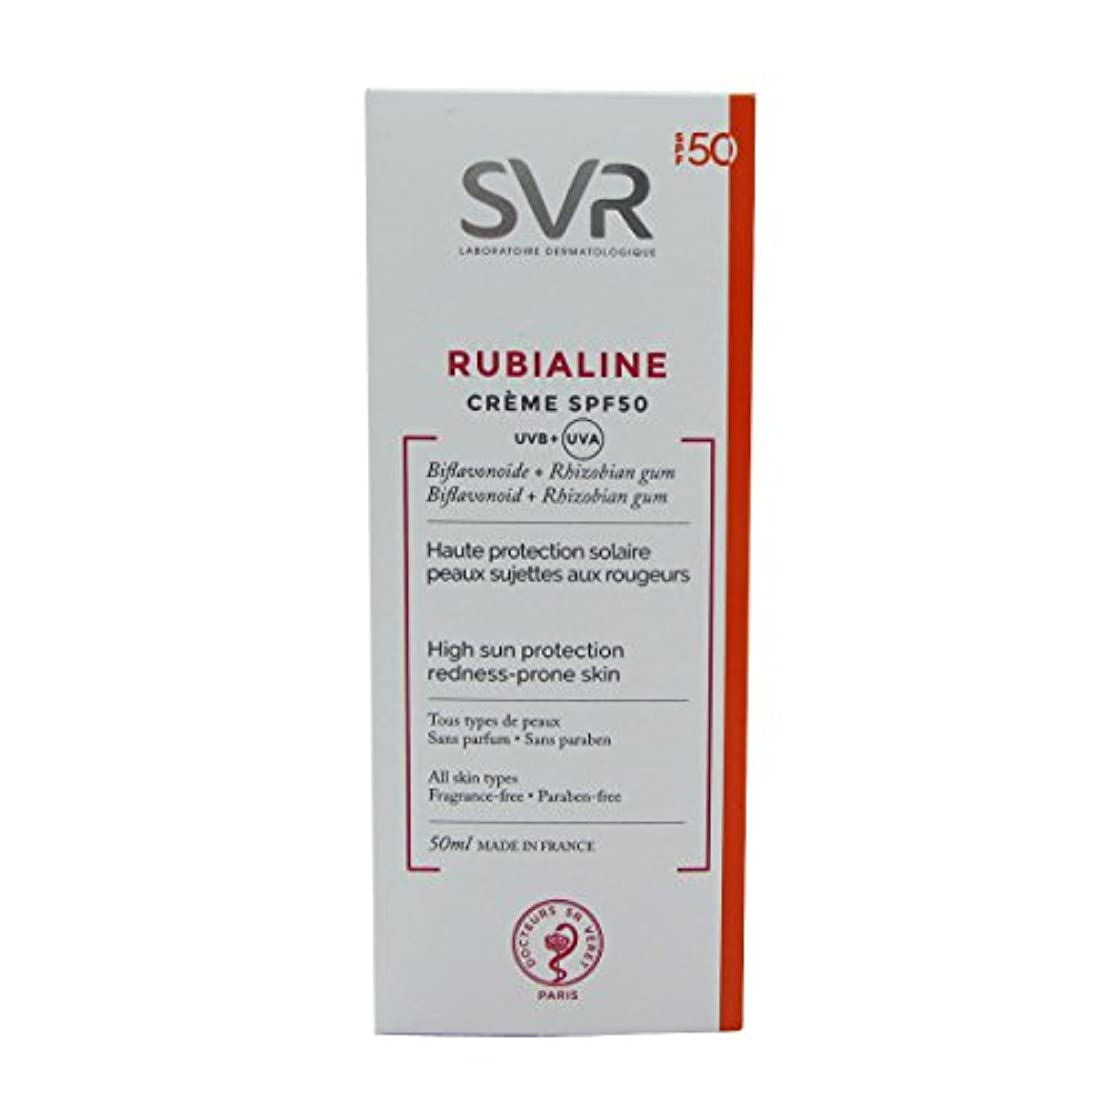 競争力のあるフェードアウト異常Svr Rubialine Cream Spf50 50ml [並行輸入品]